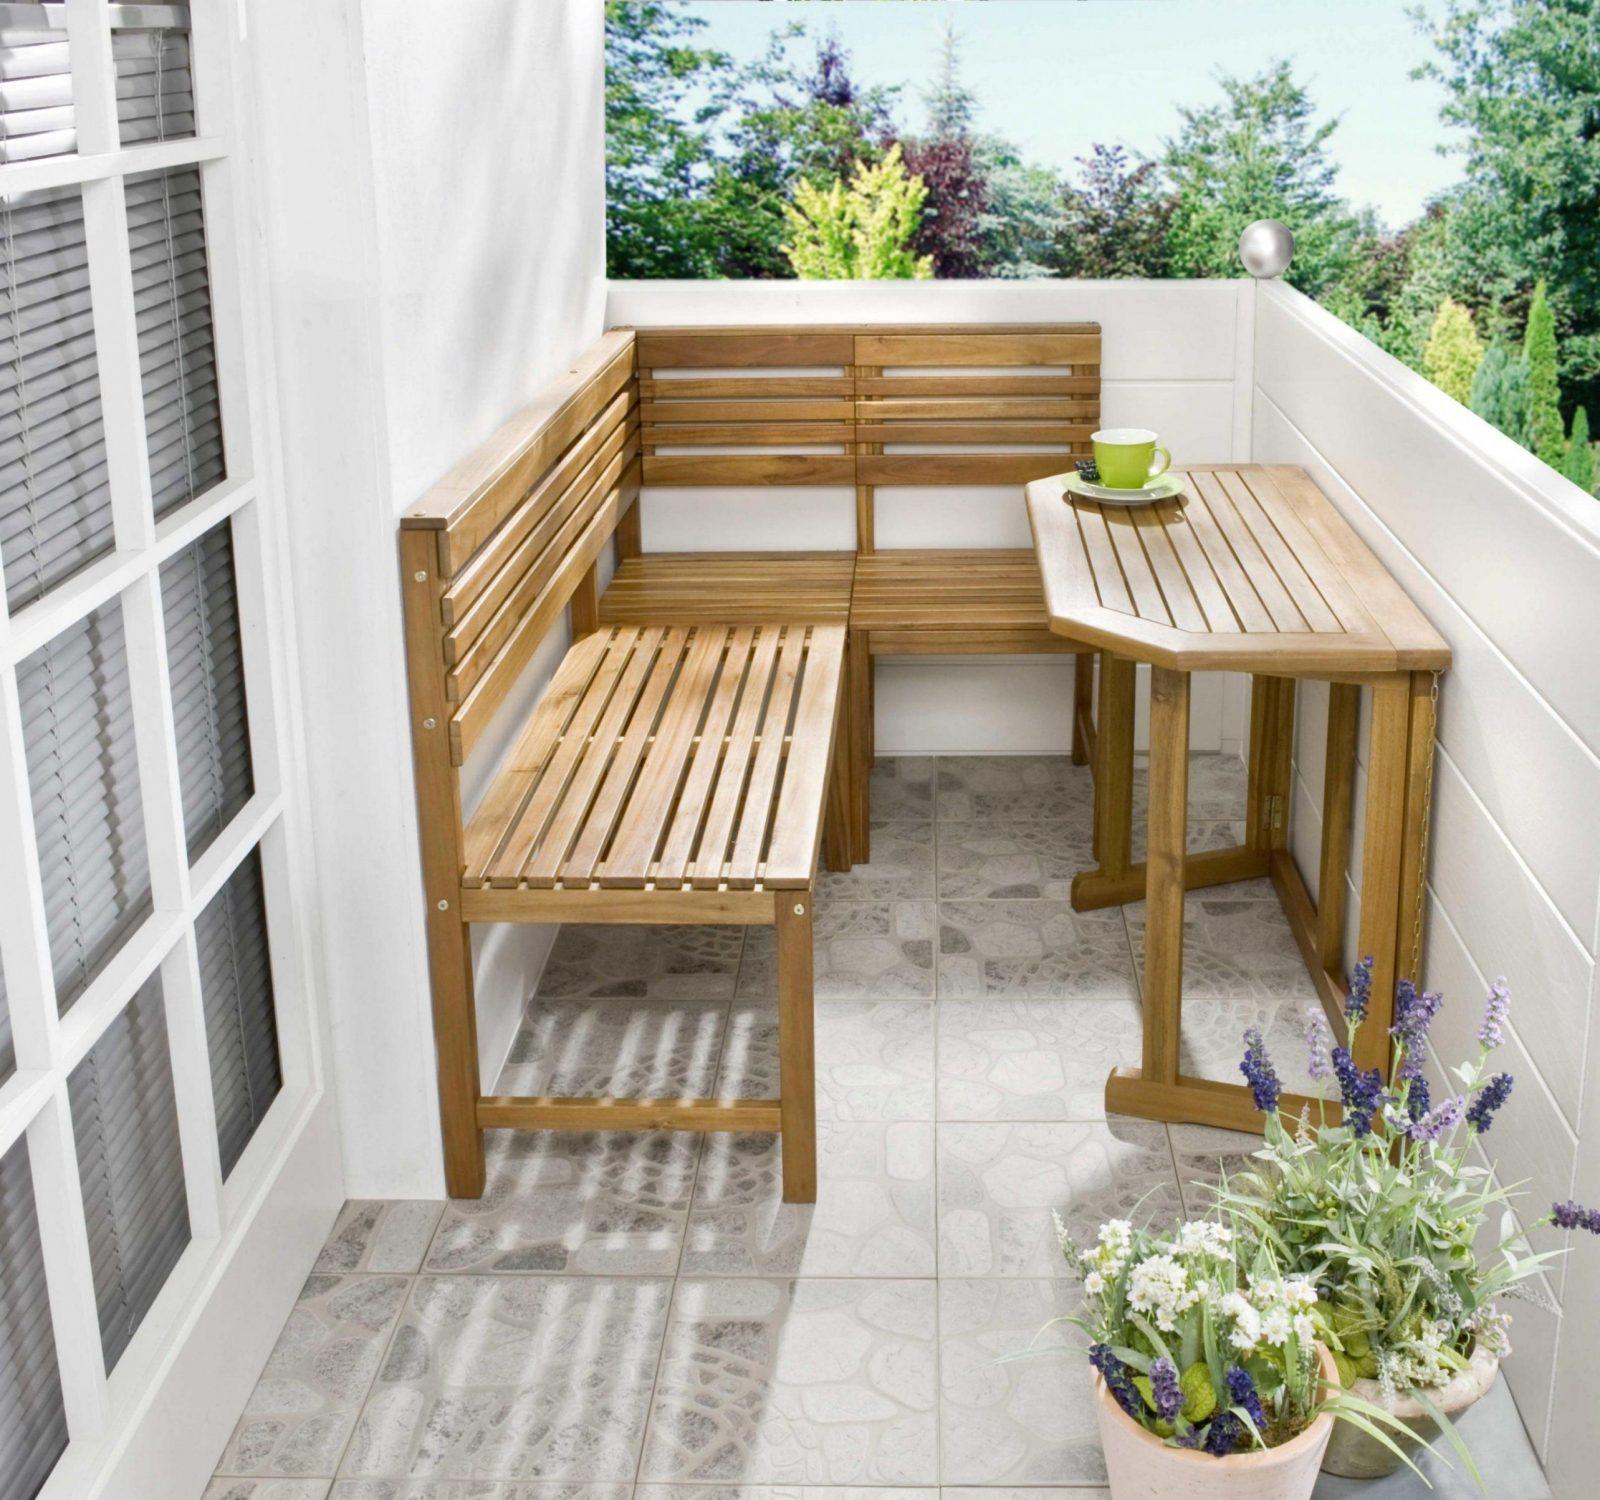 Schön Kleiner Balkon Ideen Pflanzen Awesome Ideen Fæ'¼R Balkon Home von Tisch Für Kleinen Balkon Bild